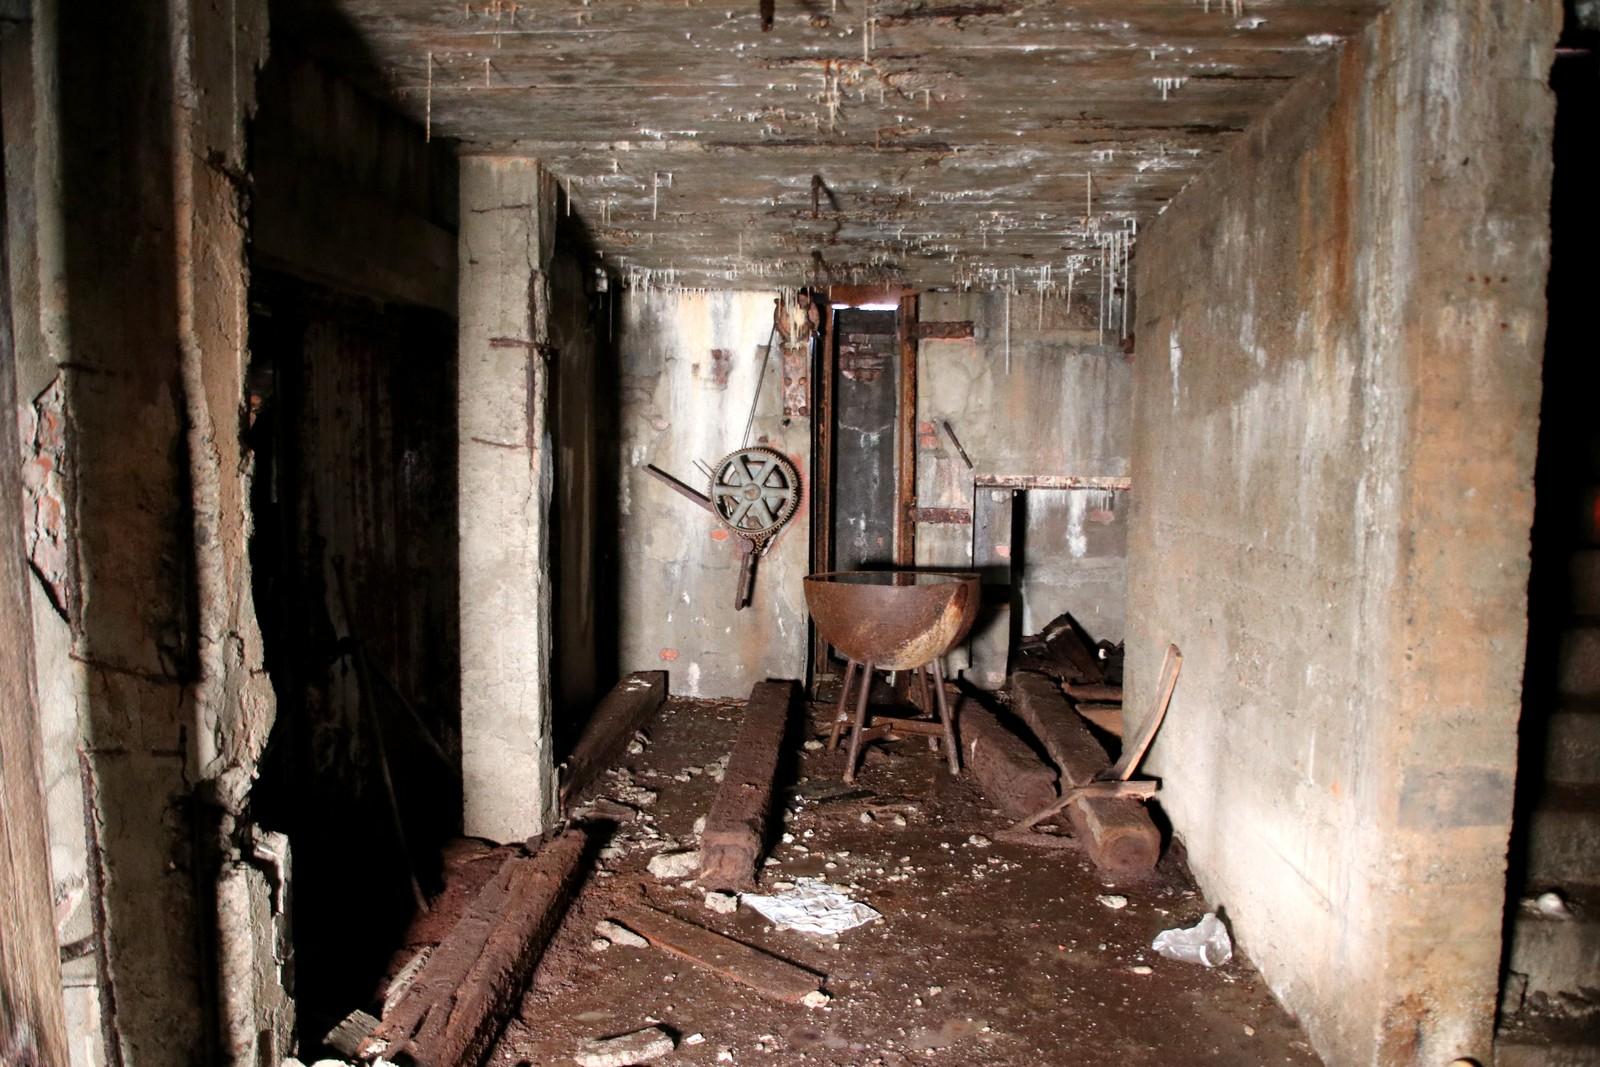 Forfallet i rommet under kanon en.